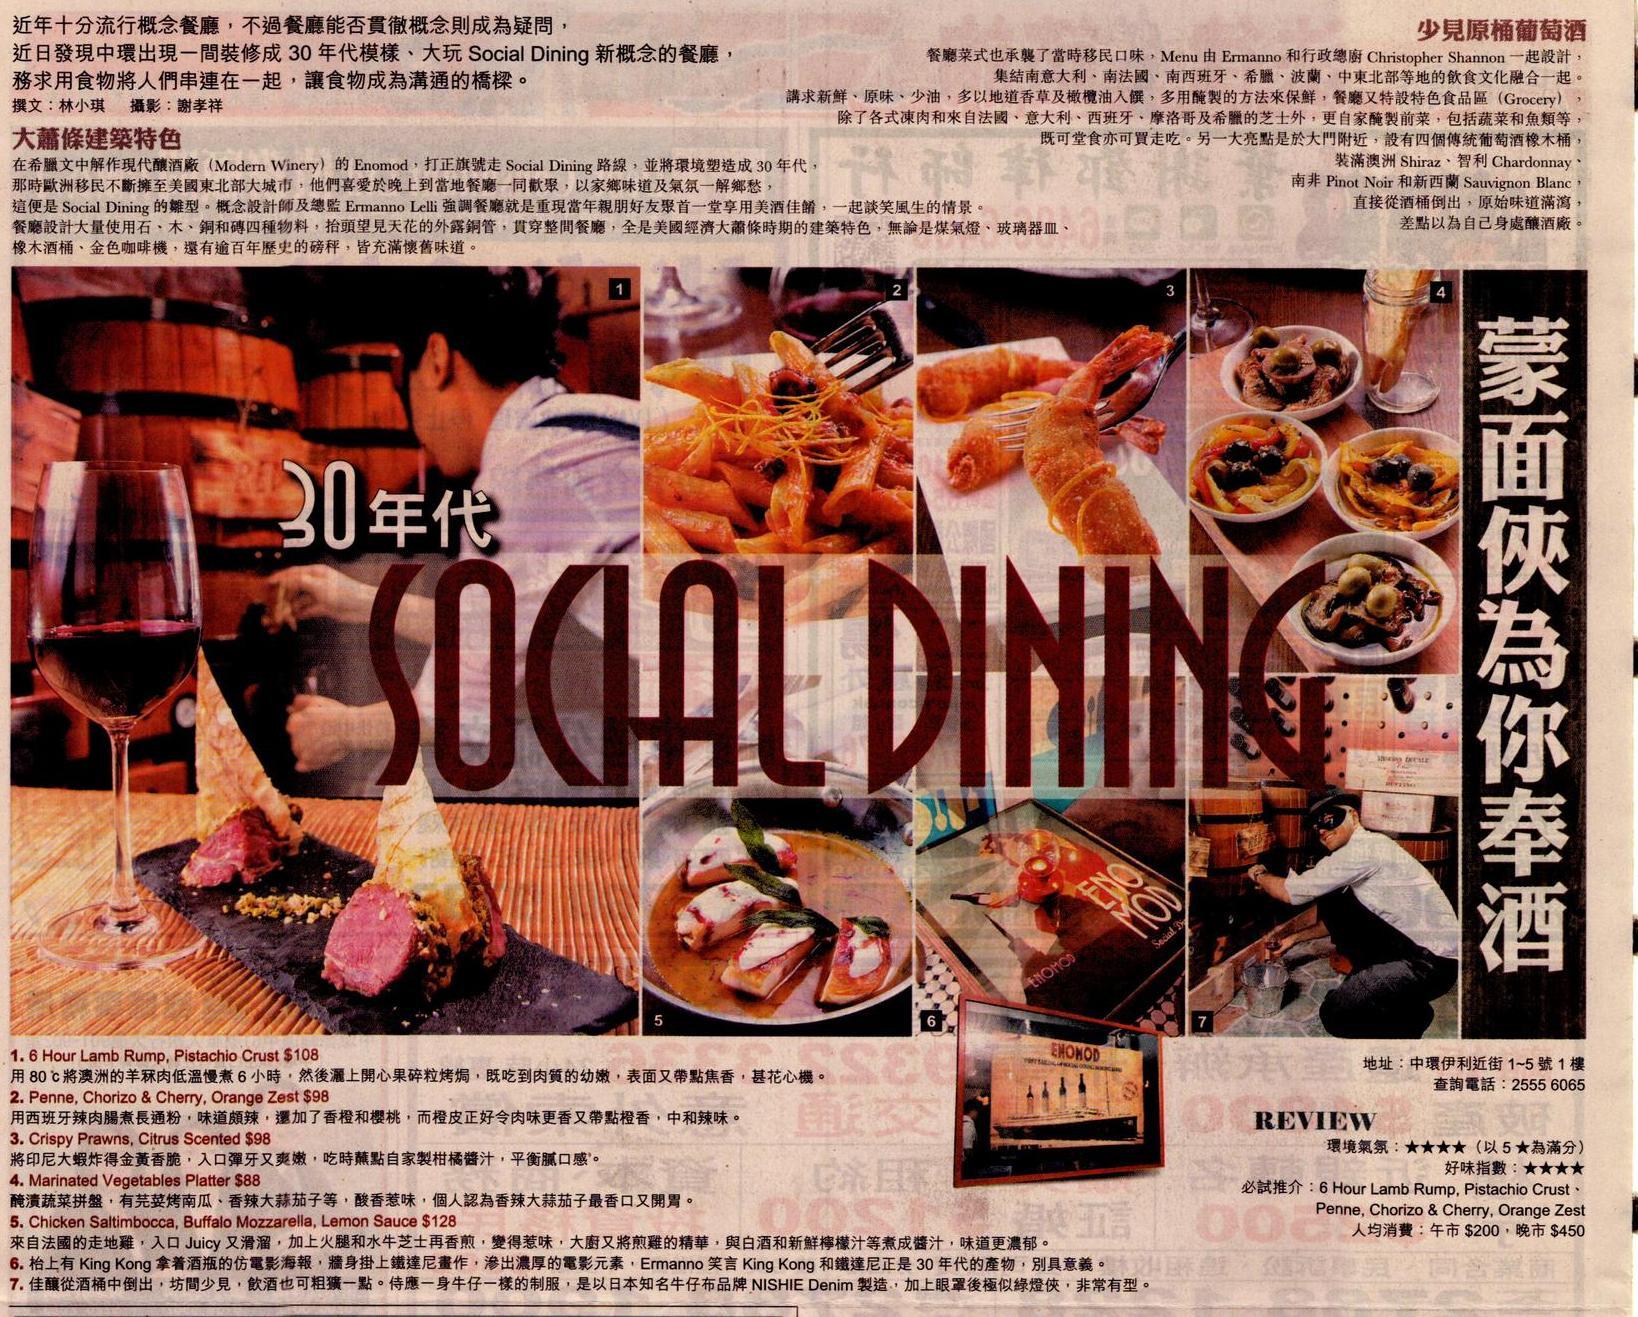 ENOMOD - 11.06 - Oriental Daily News (E05).jpg